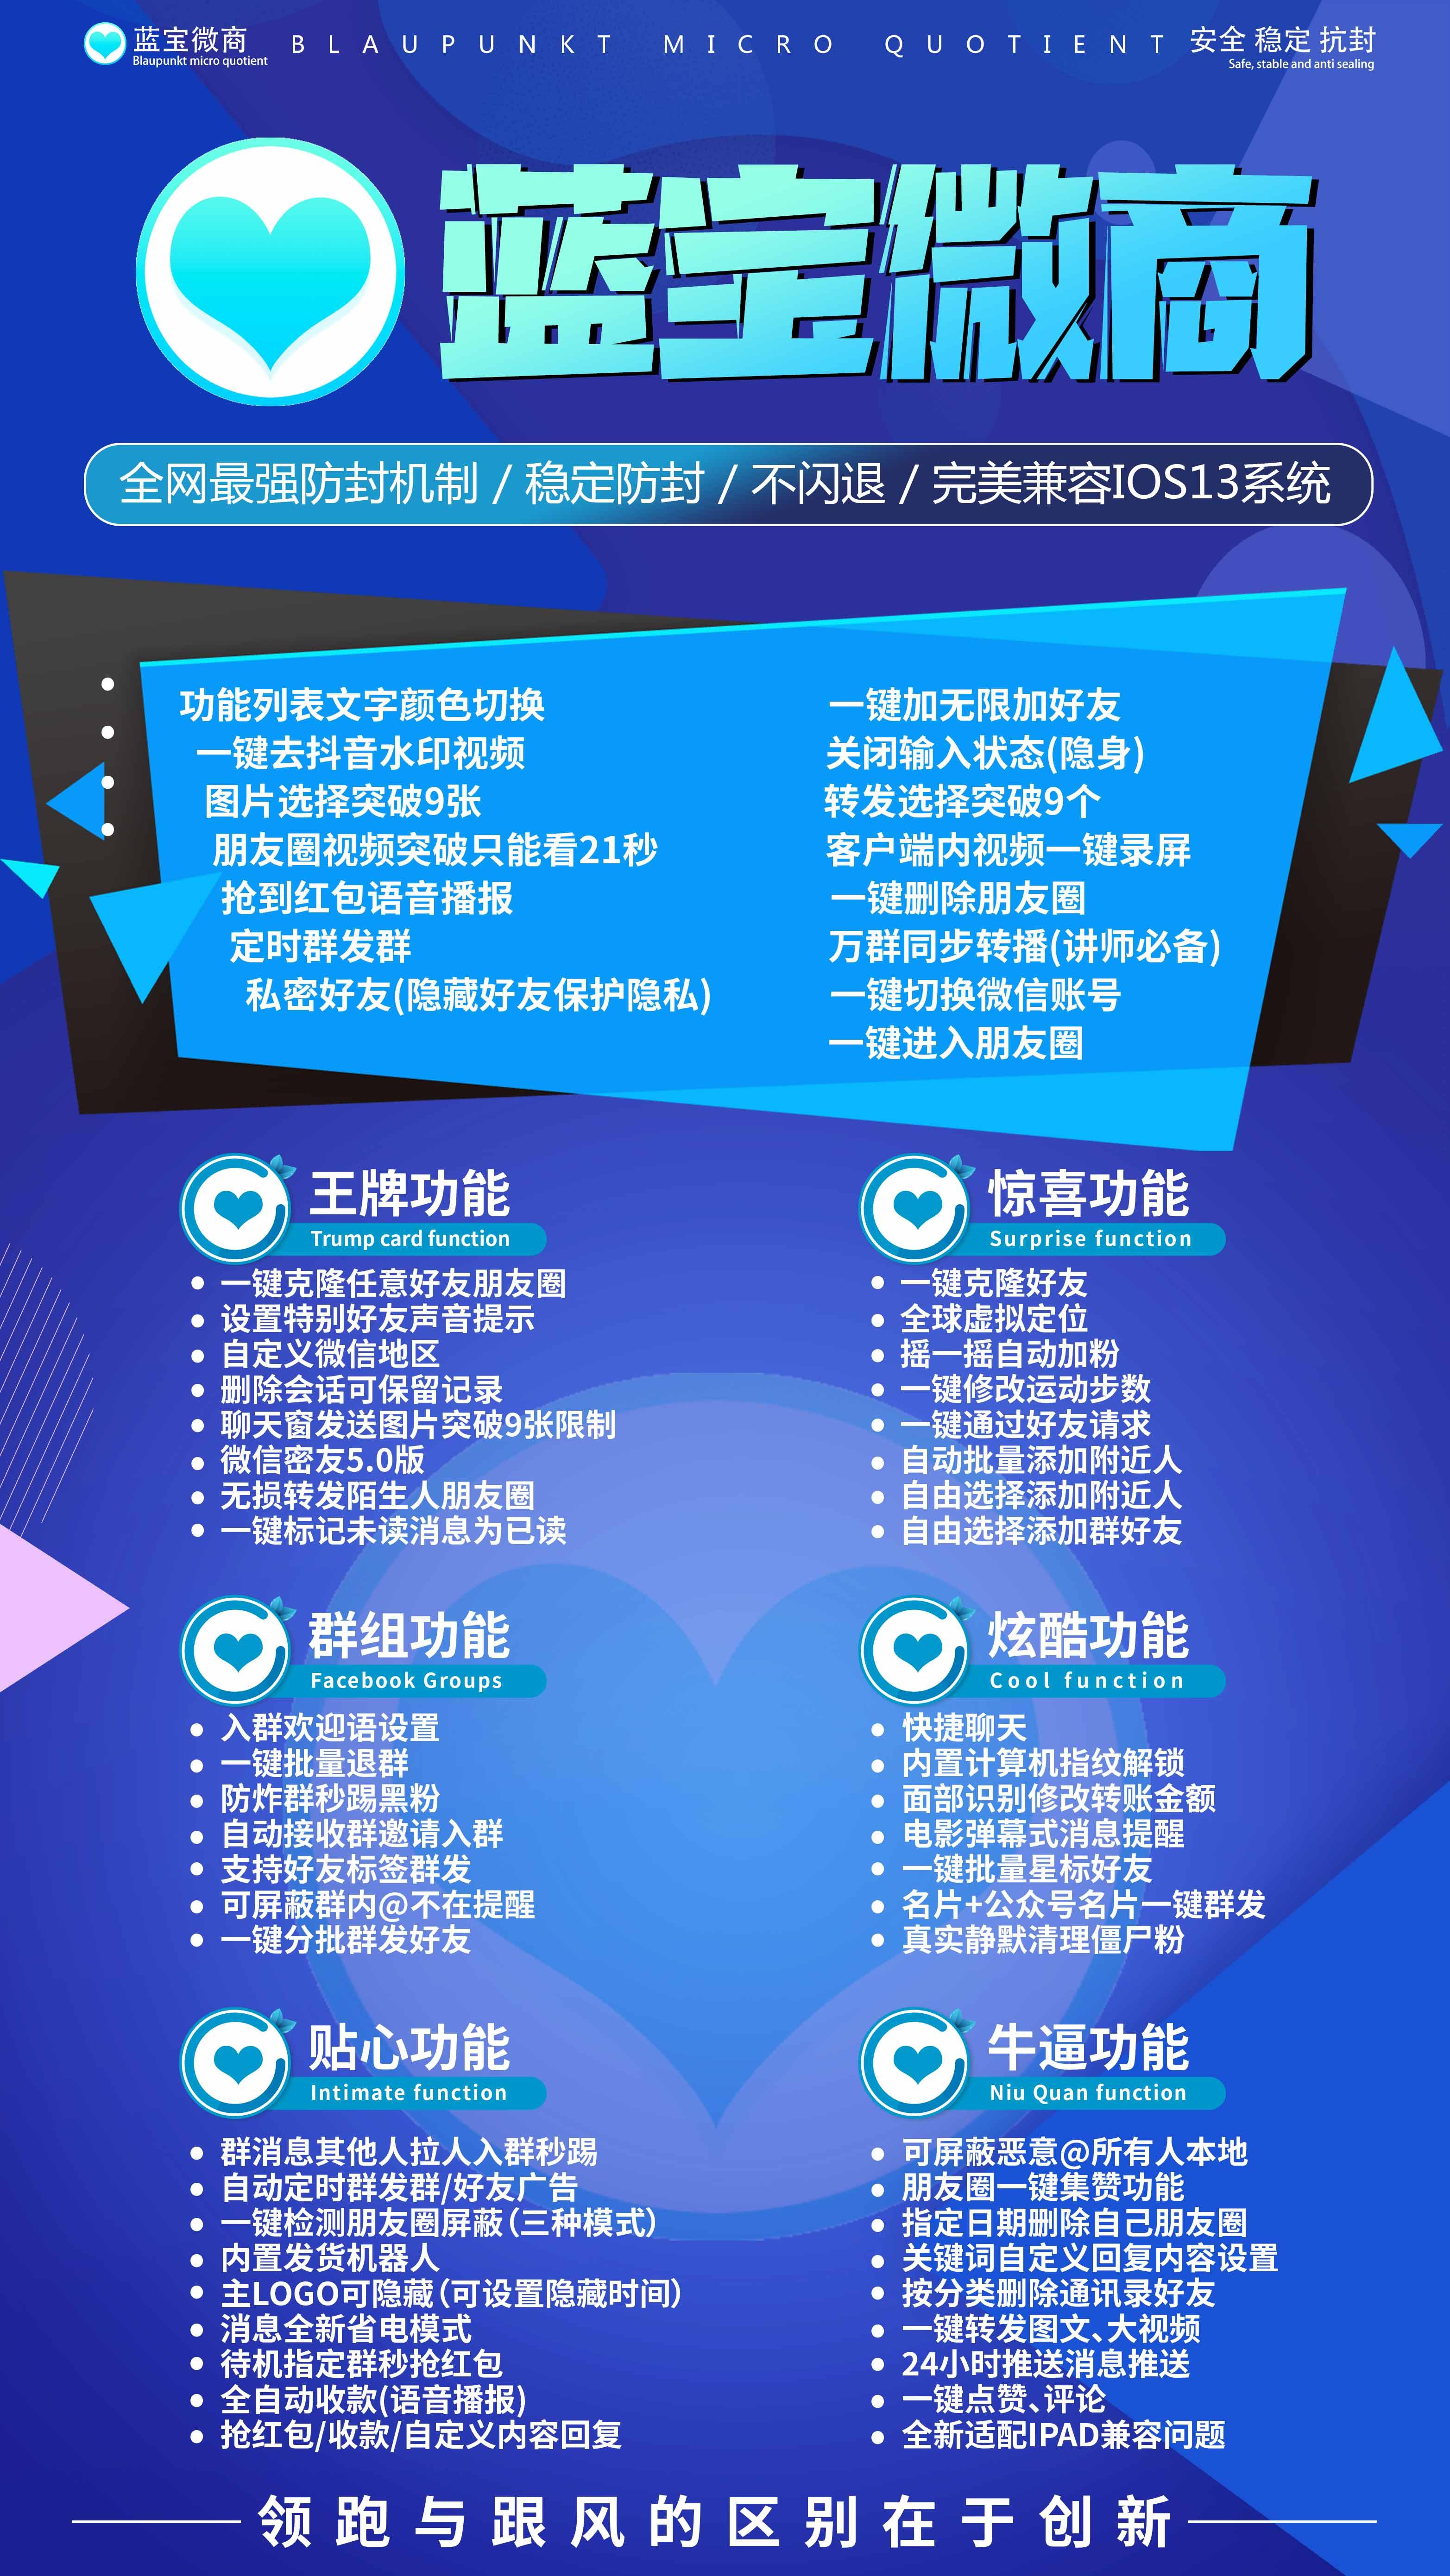 【蓝宝微商官网】苹果高端一码双开超级防封兼容ios13系统正版激活码授权